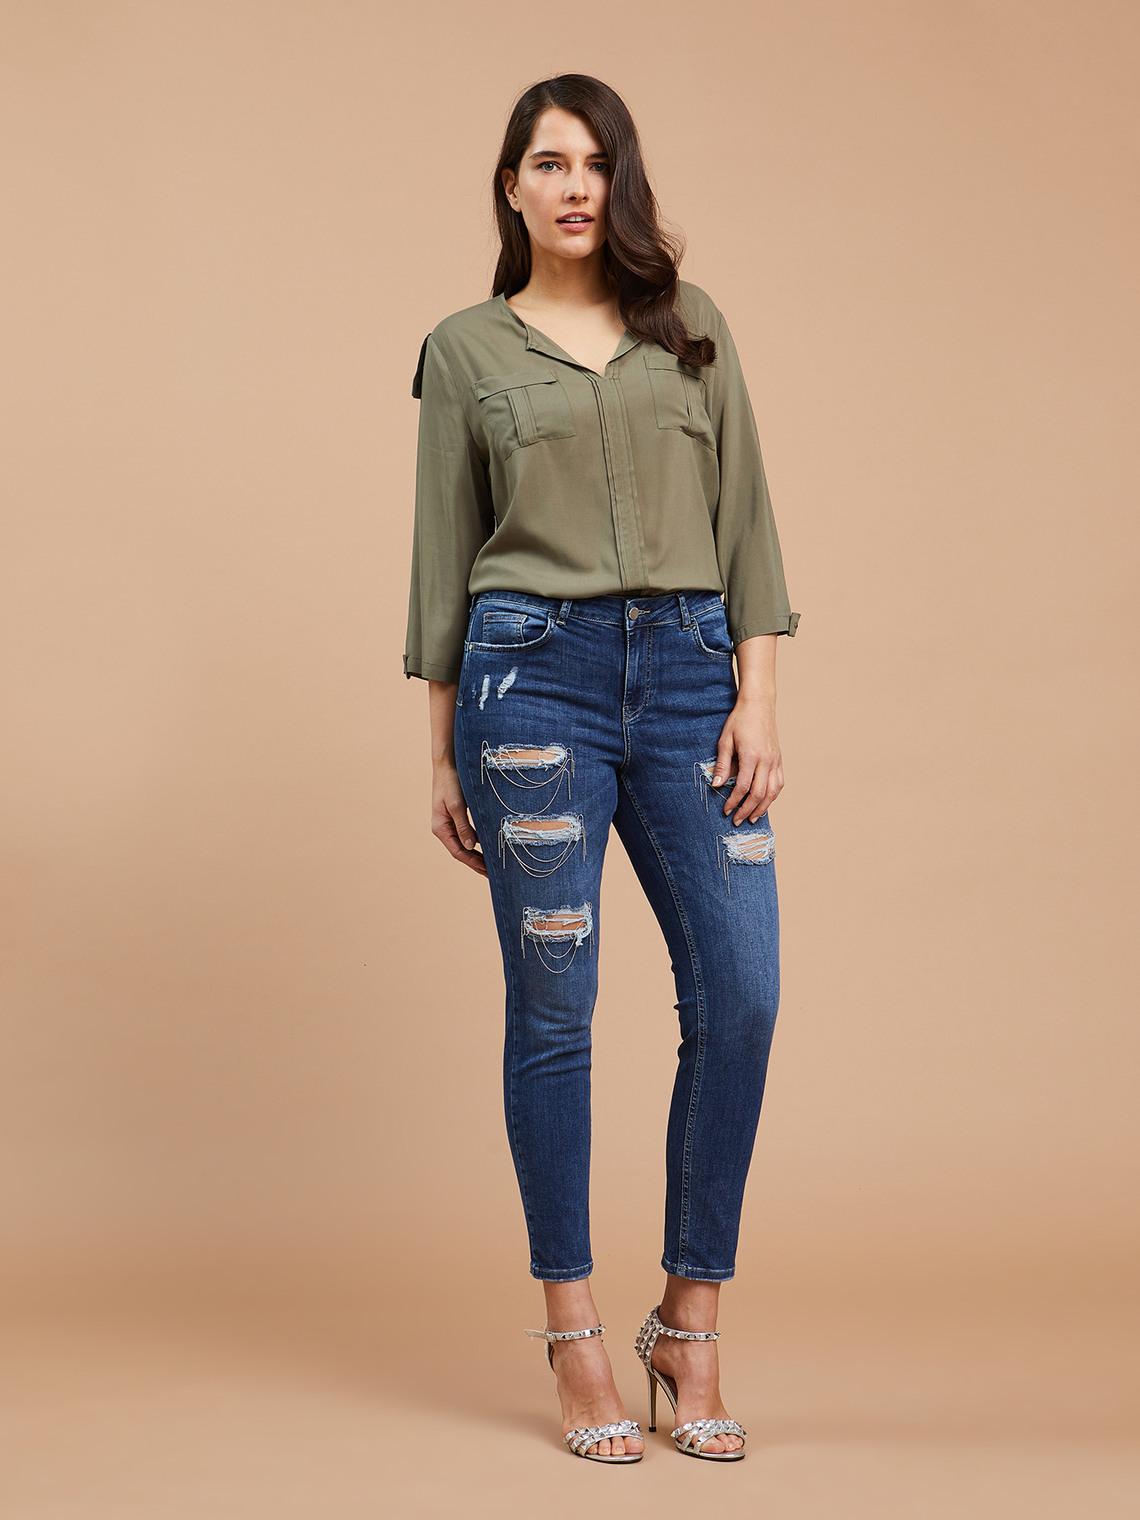 selezione premium 019d3 d7fe4 Skinny jeans with rips - Fiorella Rubino - GB